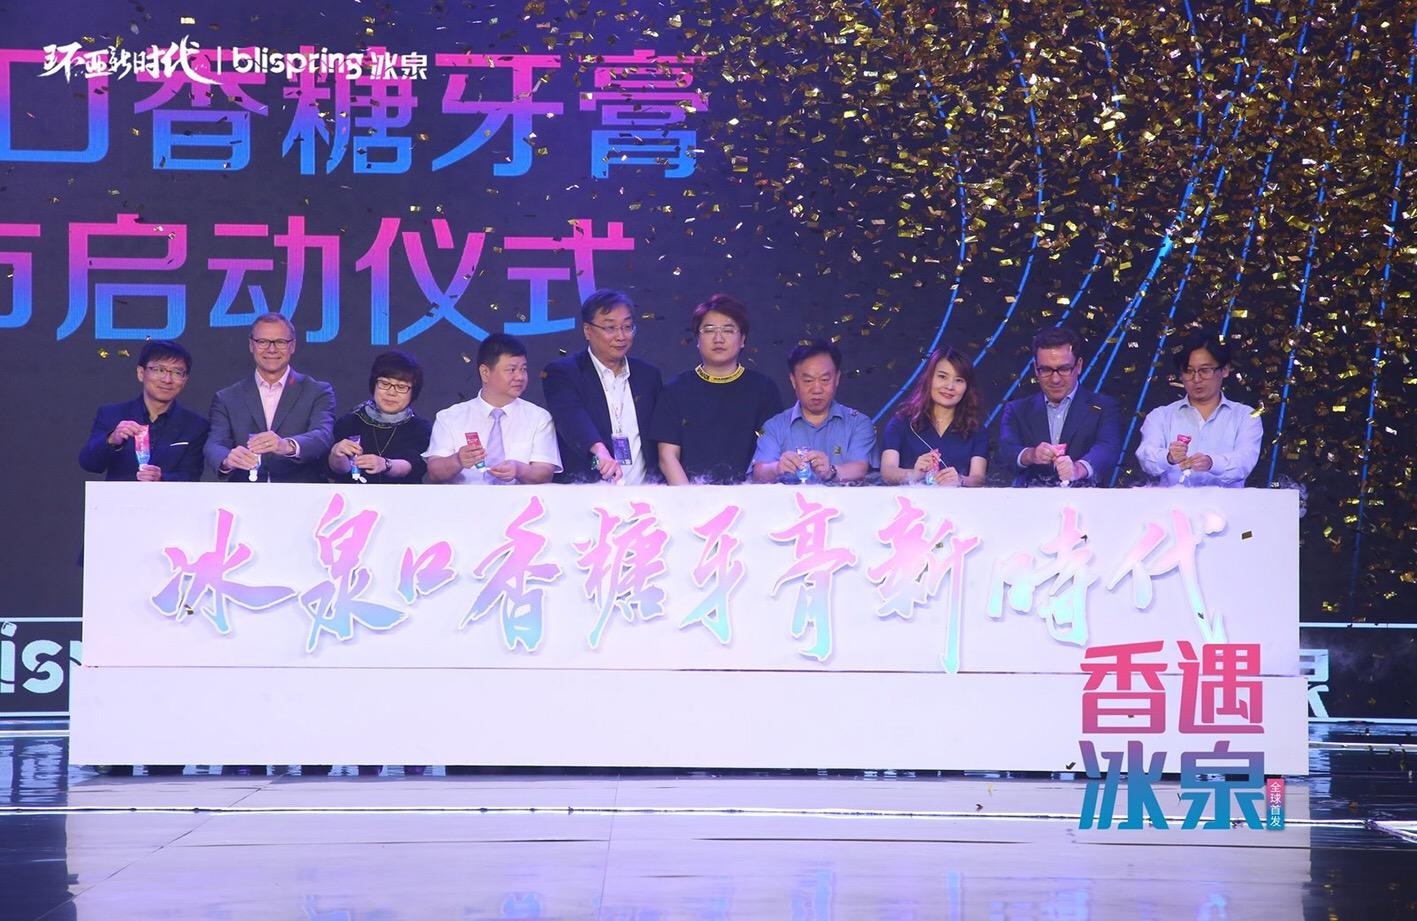 广州黄埔庆典策划公司